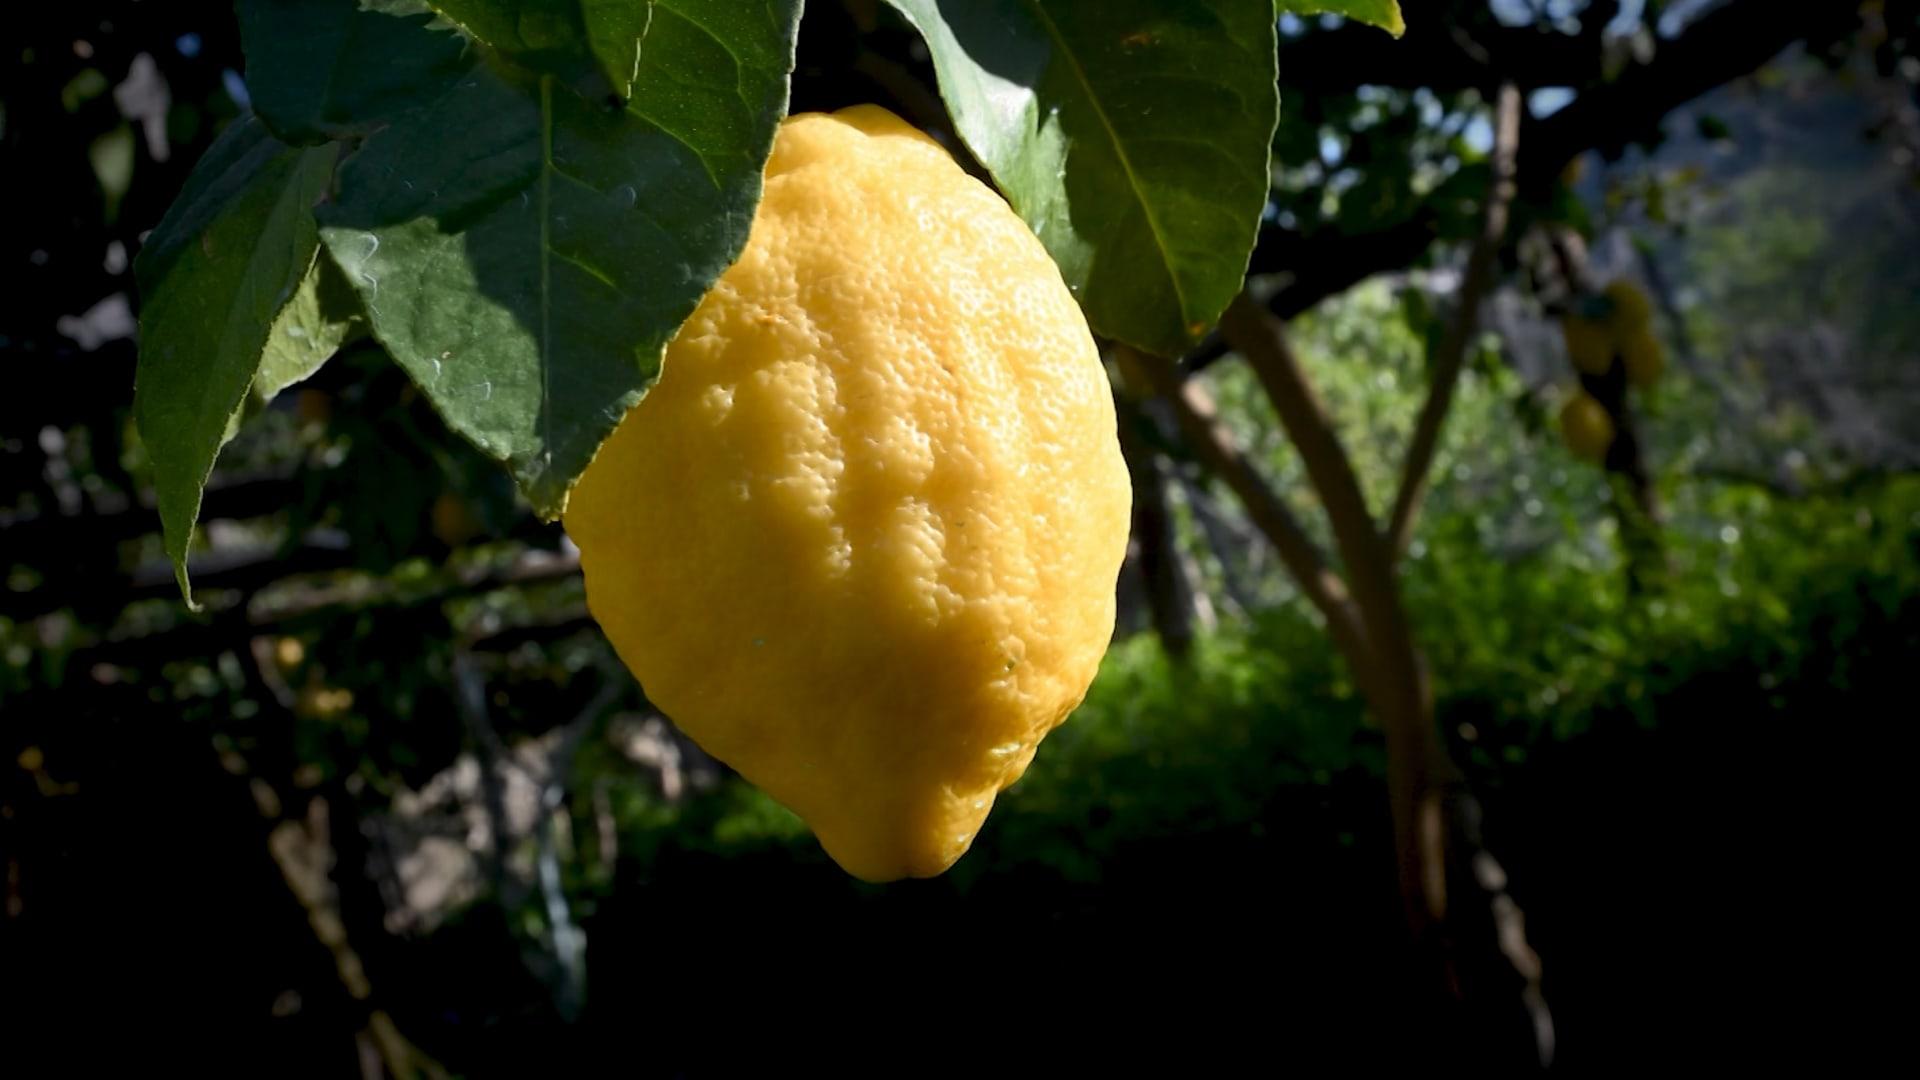 الليمون.. تعرف على فوائده الصحية واستخداماته في المنزل